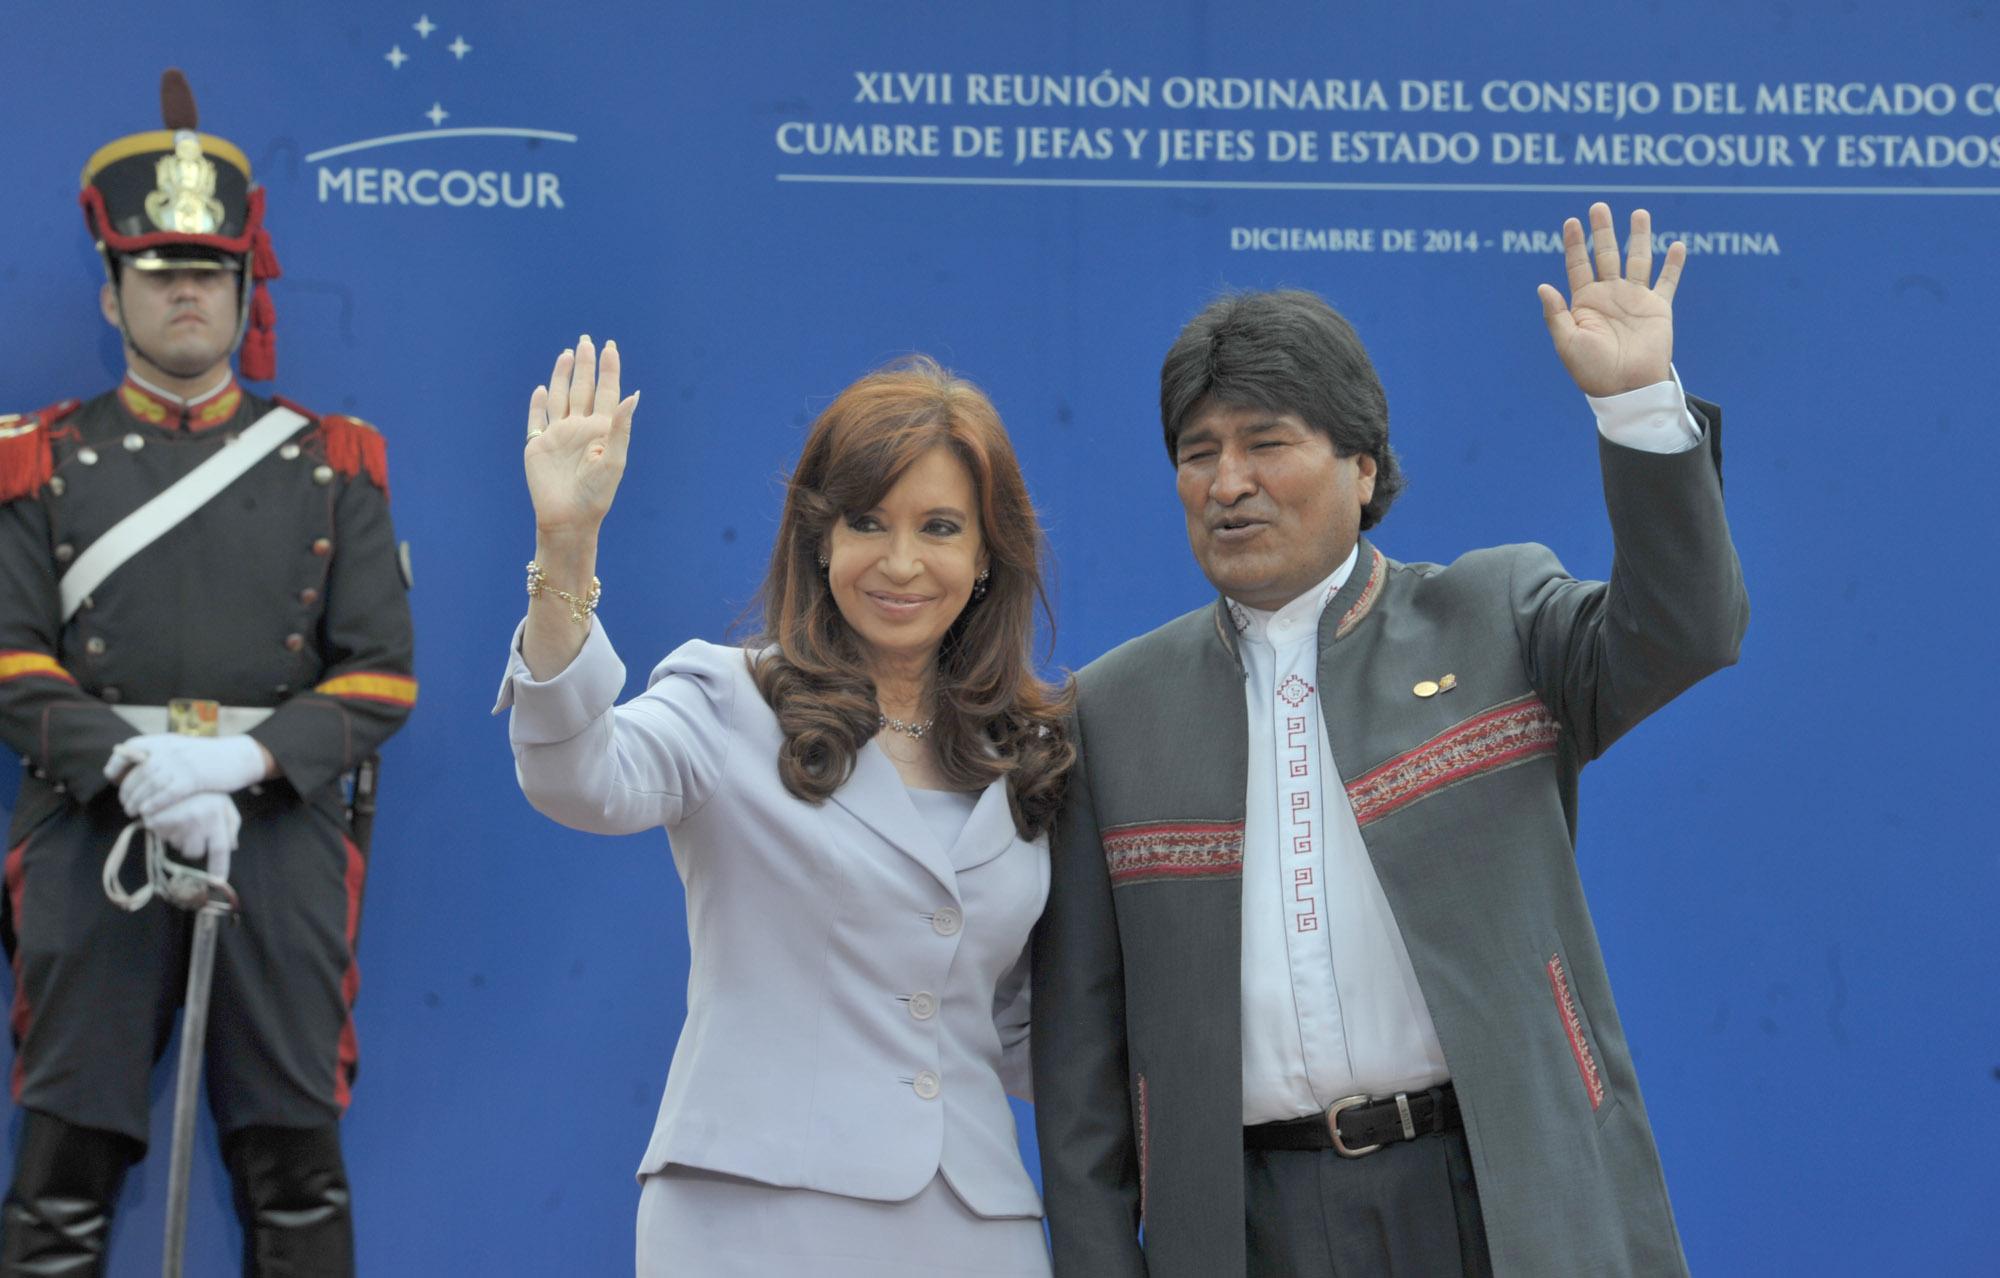 Cristina y Evo en Mercosur, Parana